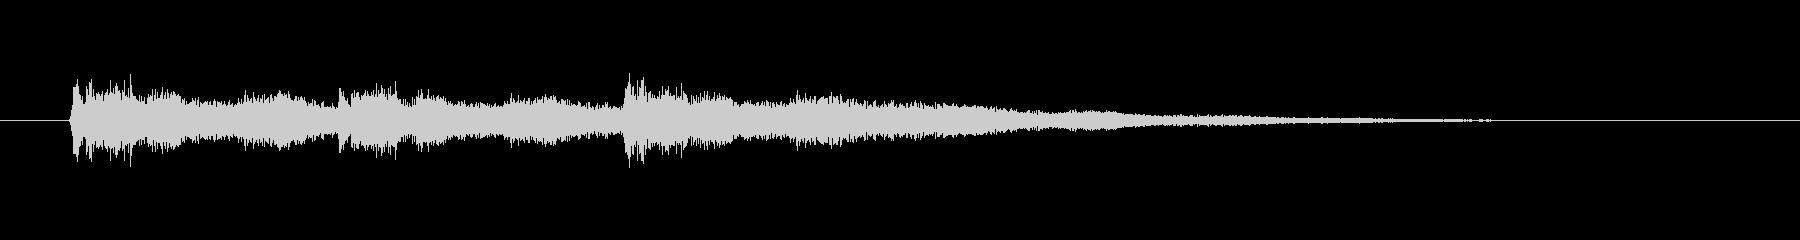 【競技用ゴング02-2】の未再生の波形